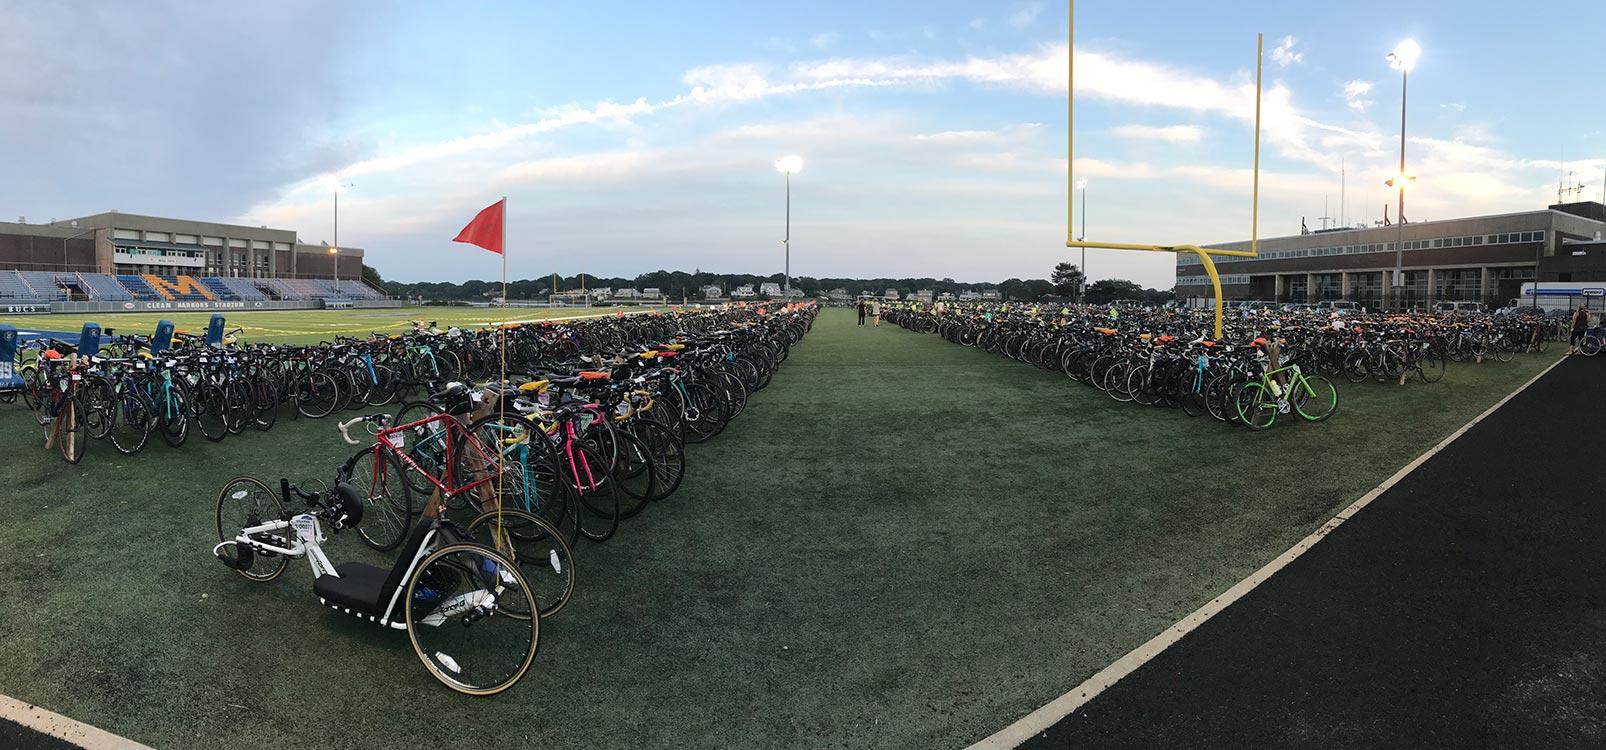 Bike overnight storage in Bourne